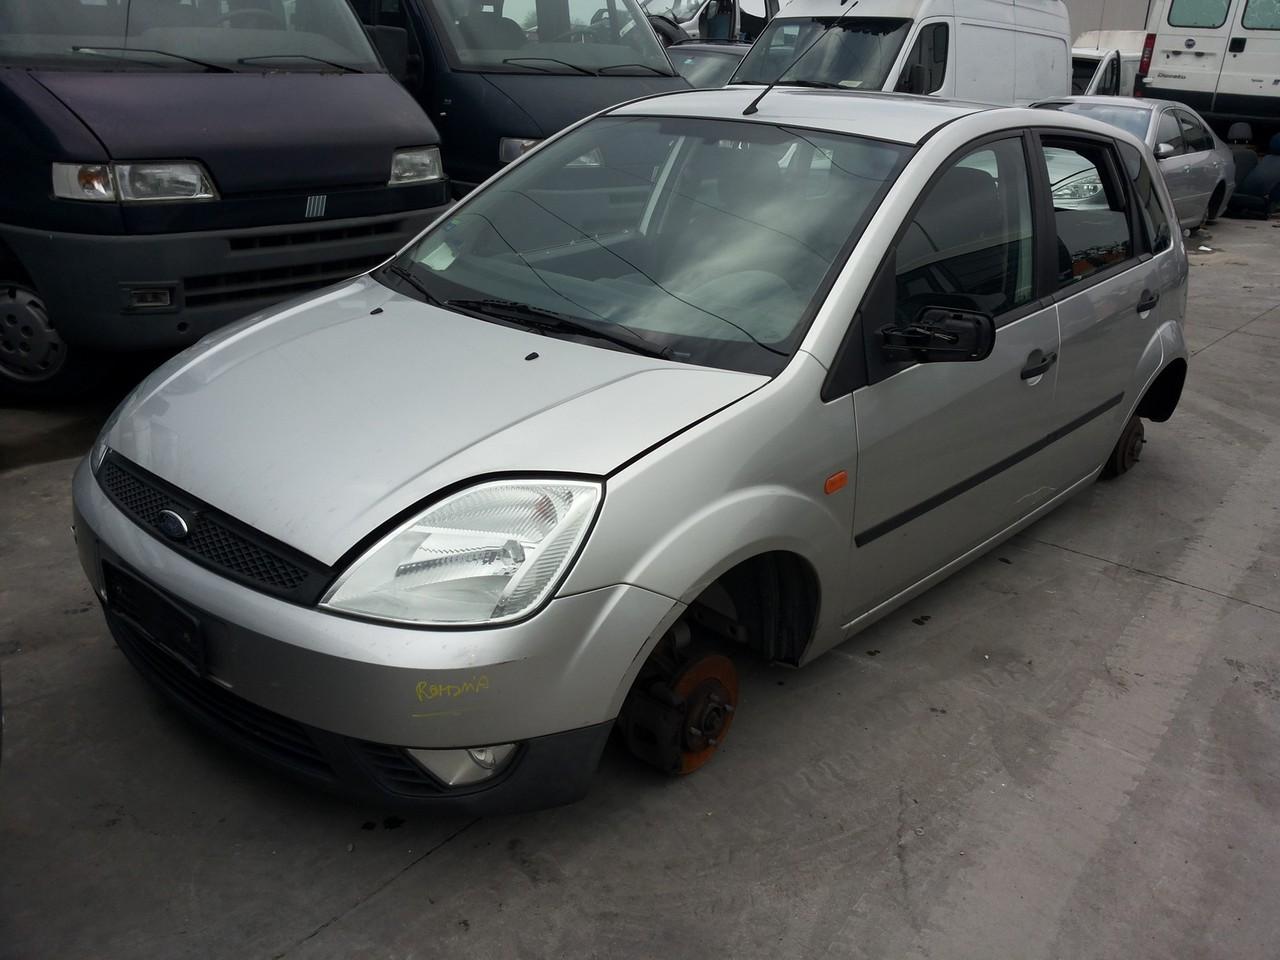 aripa fata Ford Fiesta V motor 1.4tdci , an de fabricatie 2002 2003 2004 2005 2006 2007 2008